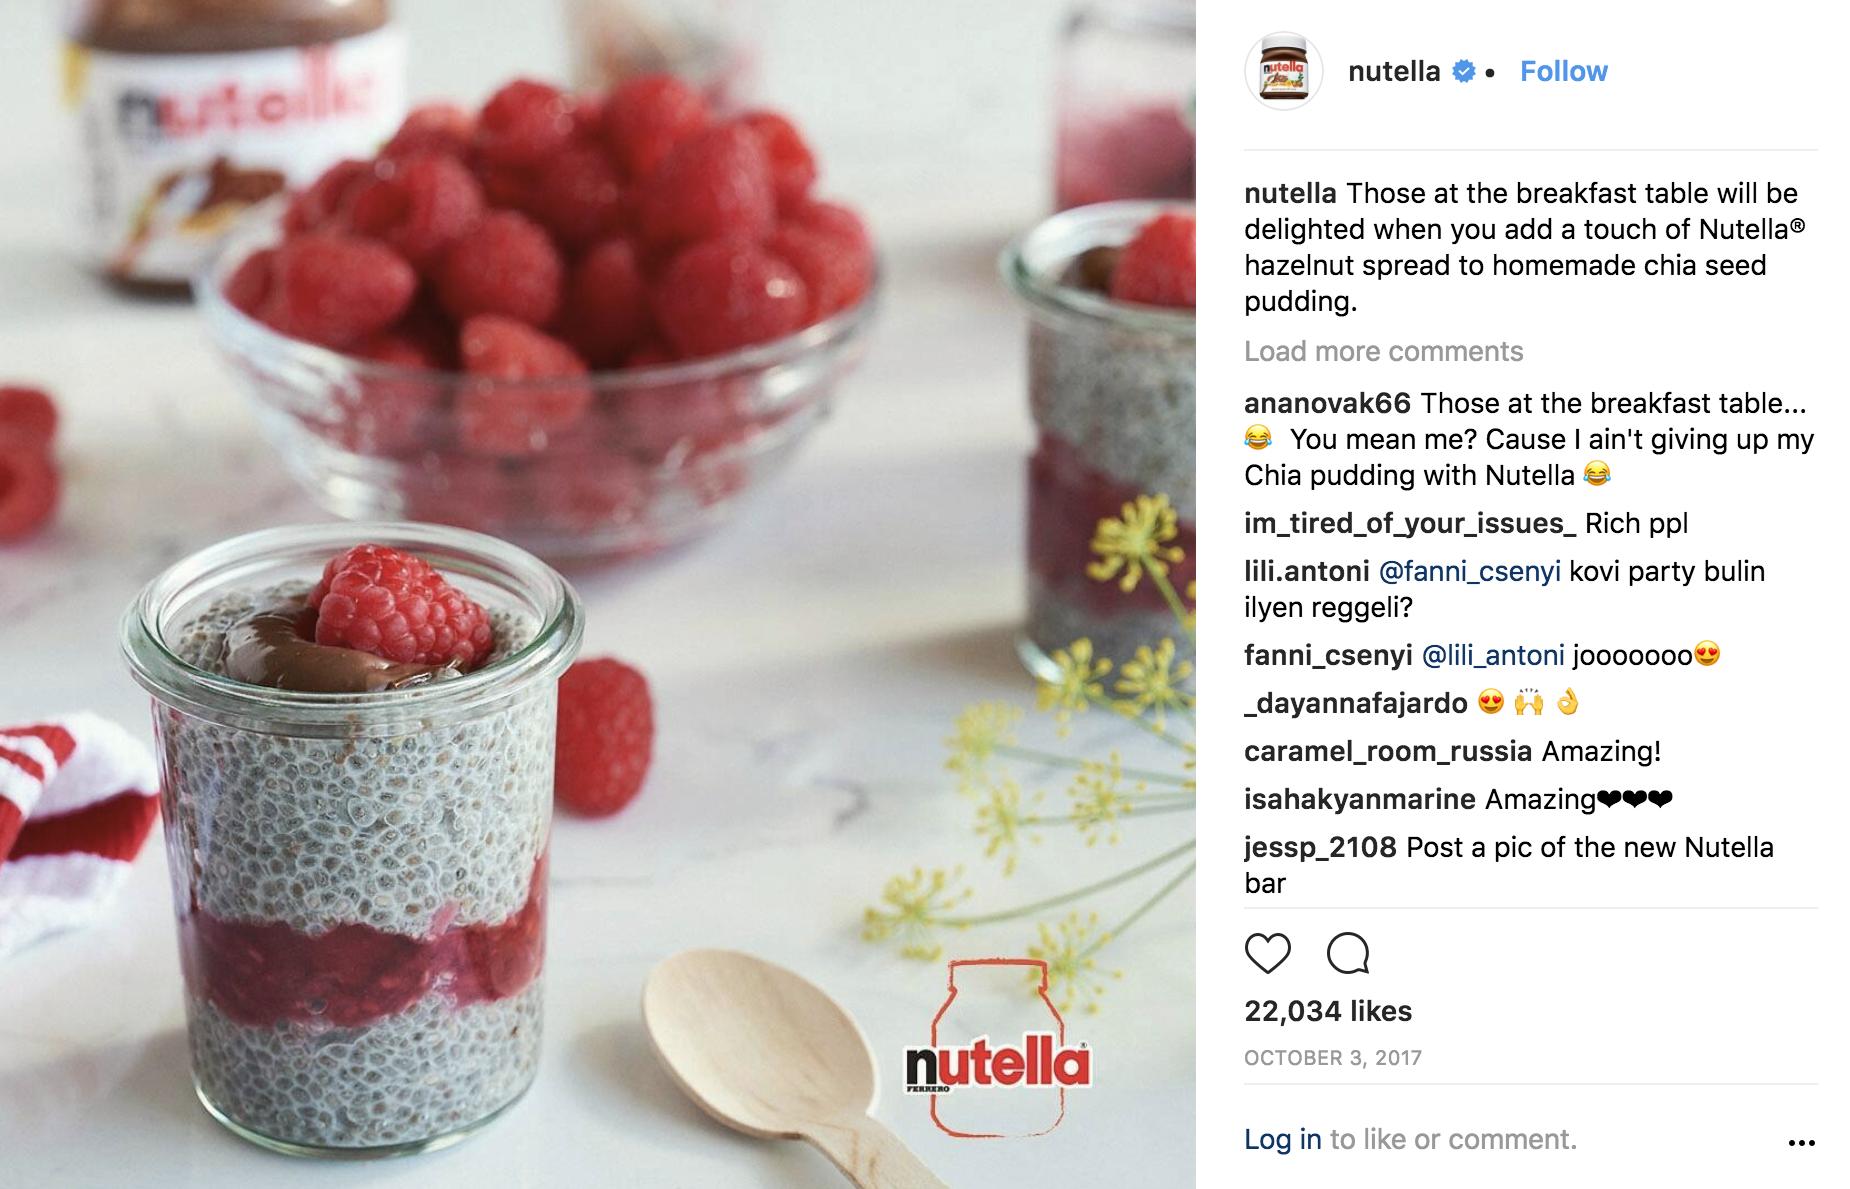 Nutella Instagram